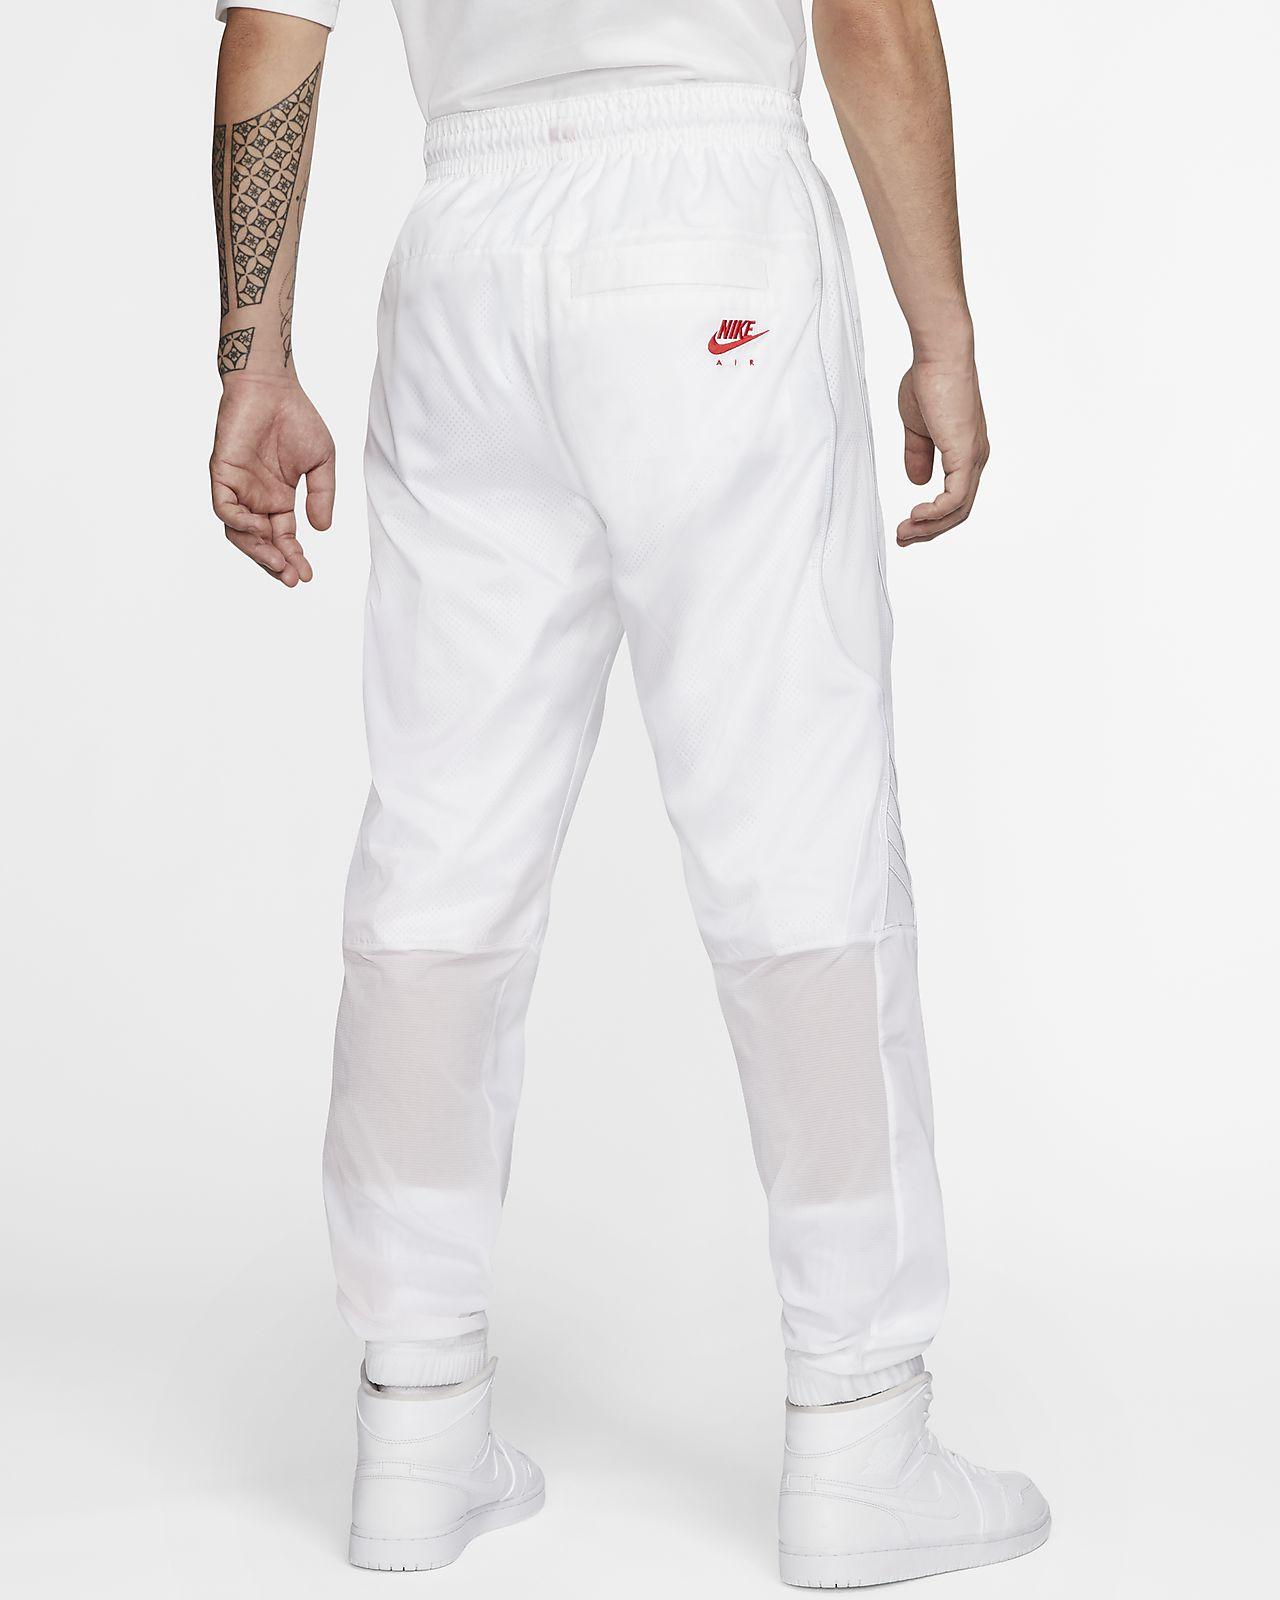 pantaloni uomo nike jordan